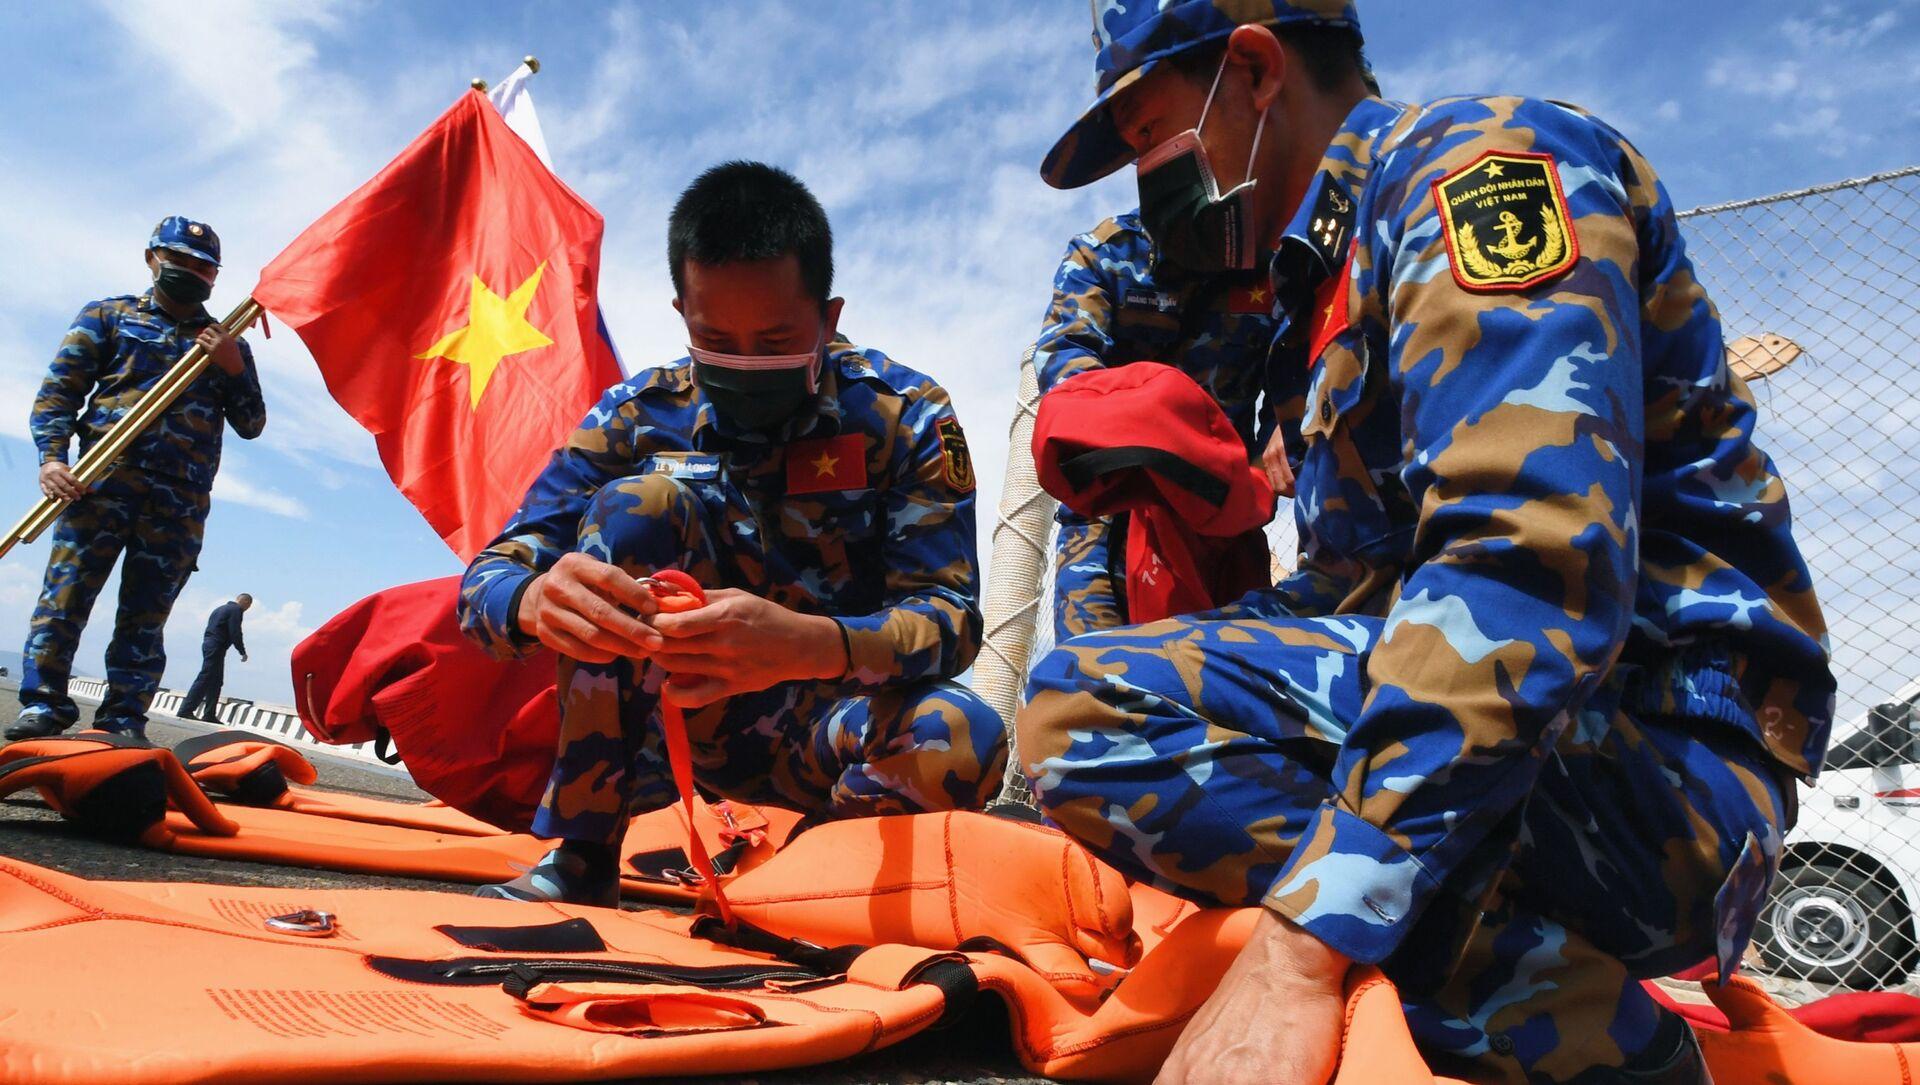 Quân nhân Việt Nam trước khi bắt đầu thi đấu về sử dụng thiết bị cứu sinh trong chặng 3 cuộc thi Cúp Biển tại Vladivostok trong khuôn khổ Hội thao Quân đội Quốc tế lần thứ VII Army Games-2021 - Sputnik Việt Nam, 1920, 31.08.2021